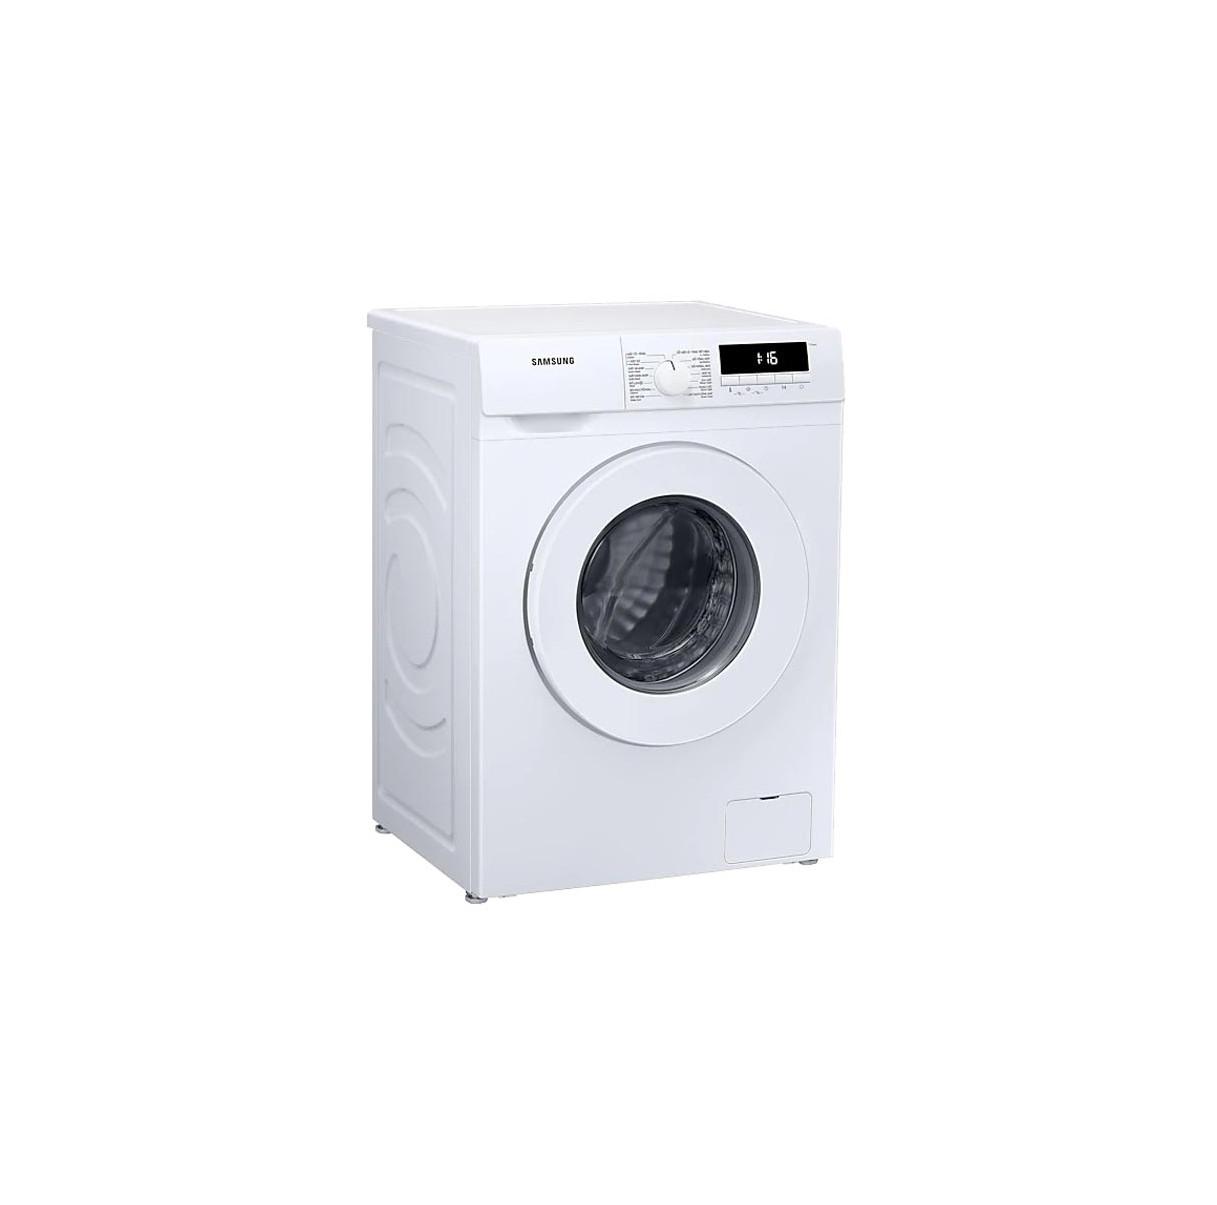 Máy giặt Samsung cửa trước Digital Inverter 9kg WW90T3040WW/SV Model 2020 - Hàng chính hãng (chỉ giao HCM)